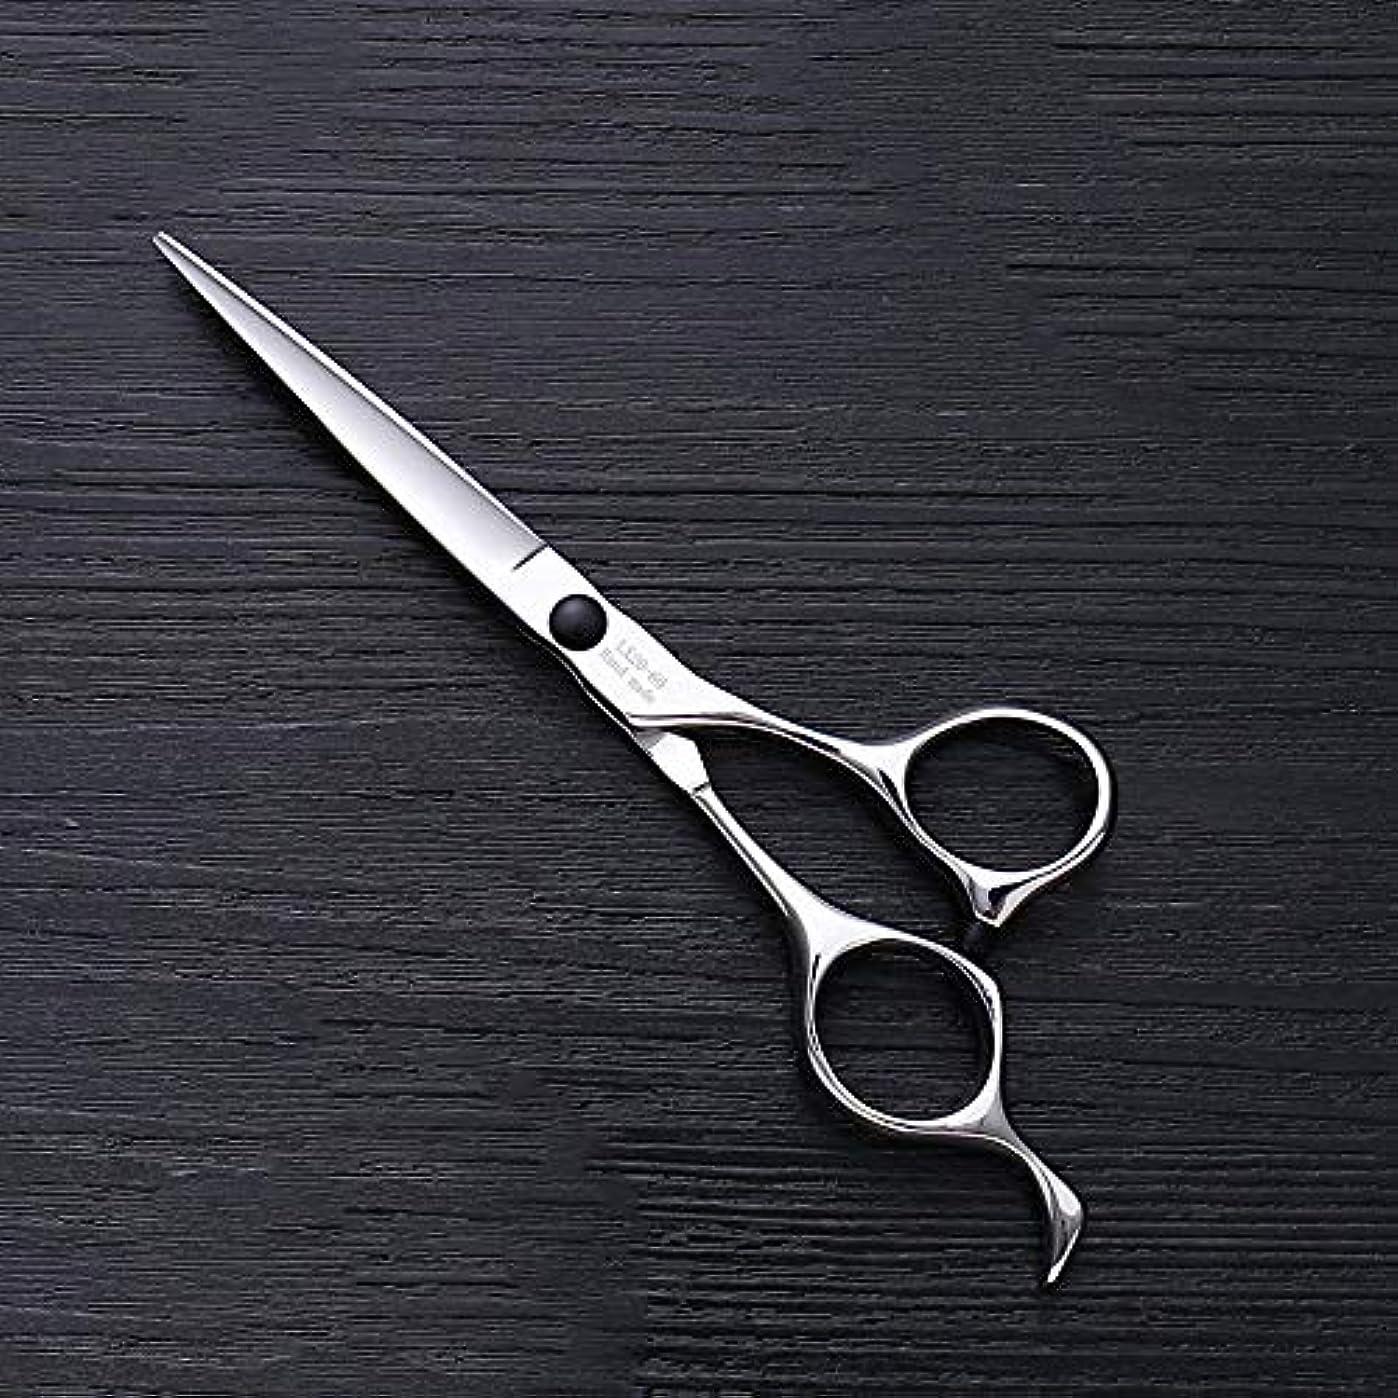 バタフライ乞食憤る理髪用はさみ 6インチハイエンドステンレススチールバリカン、ヘアスタイリスト特別なヘアカットツールヘアカット鋏ステンレス理髪はさみ (色 : Silver)